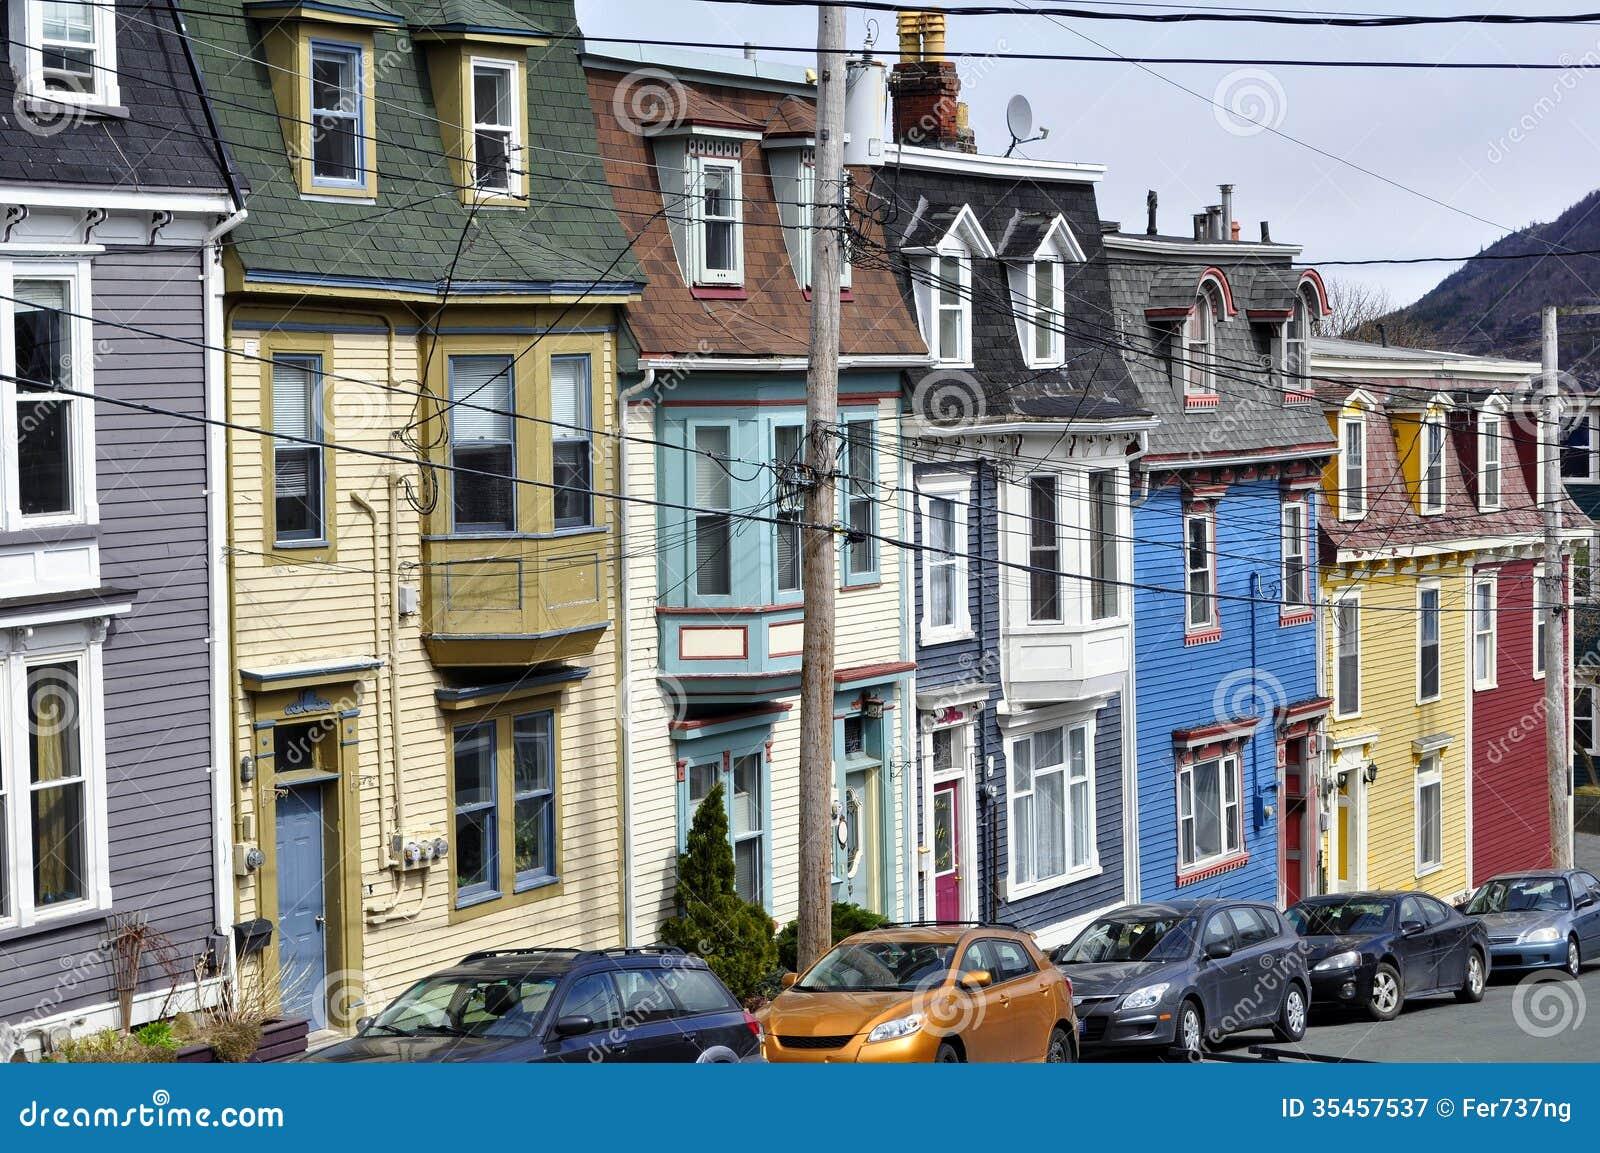 Saint john 39 s newfoundland stock image image 35457537 for Newfoundland houses